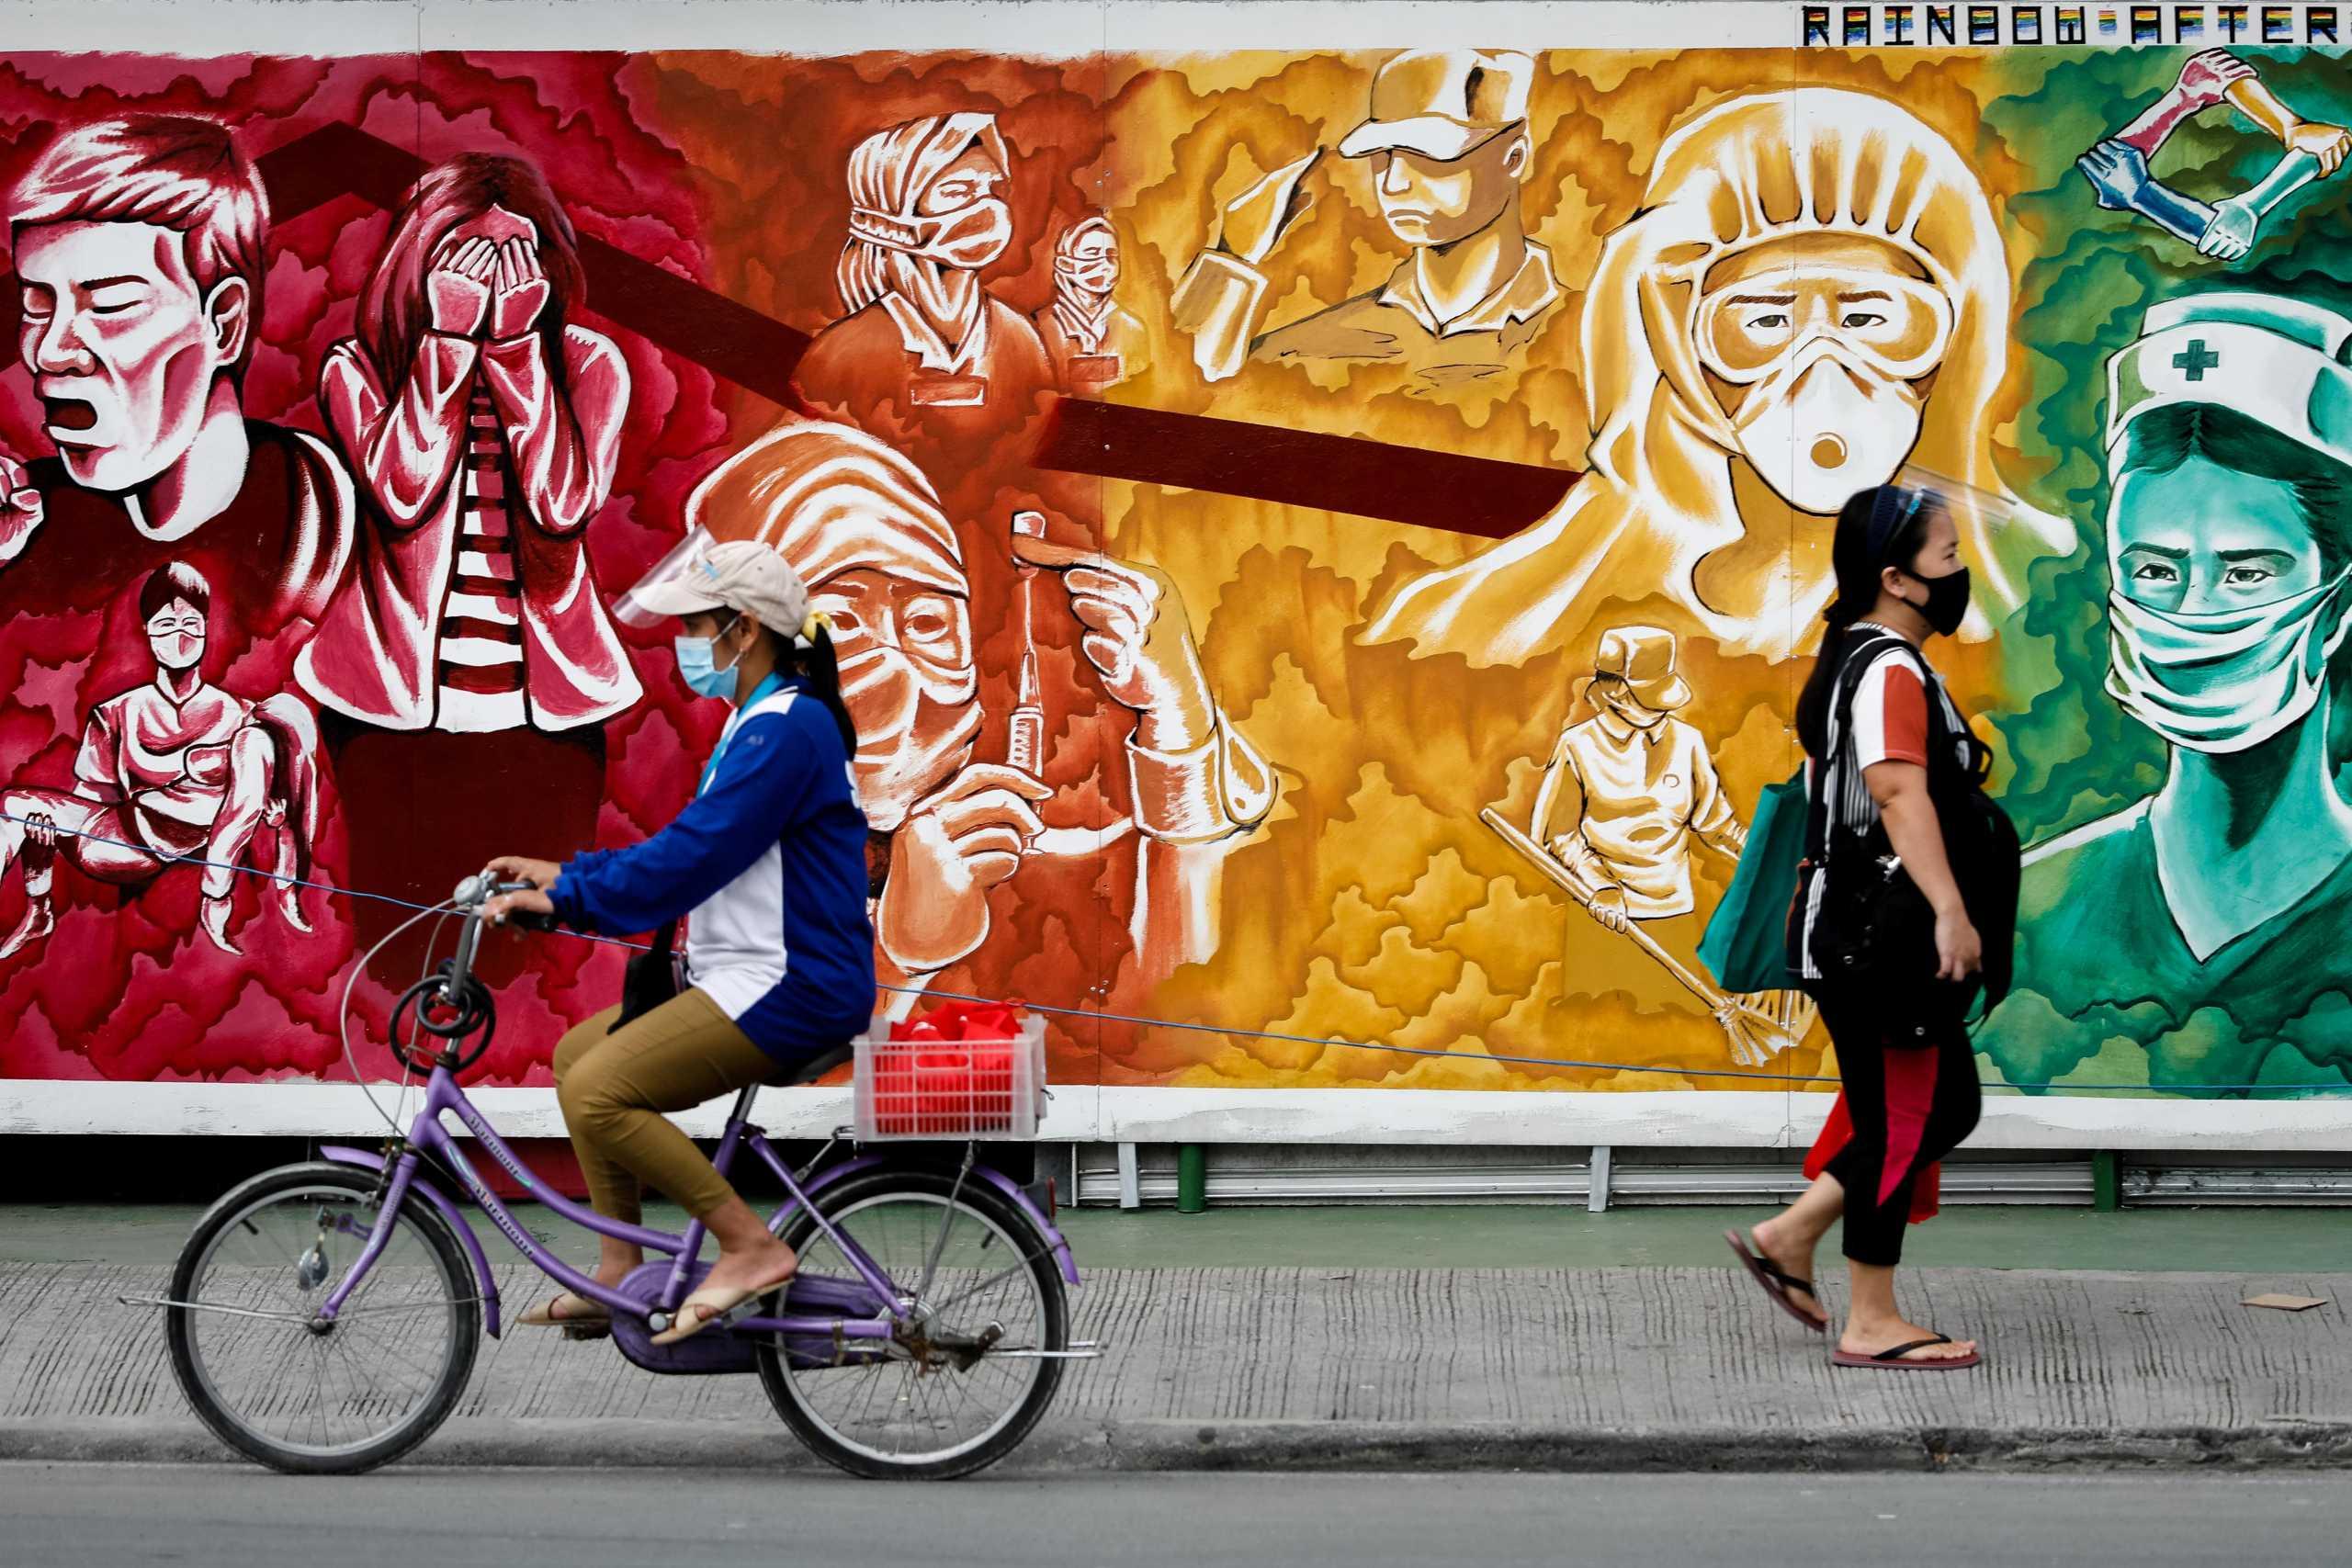 Μετάλλαξη κορονοϊού: «Έφθασαν» και στις Φιλιππίνες τα πρώτα κρούσματα του νοτιοαφρικανικού στελέχους